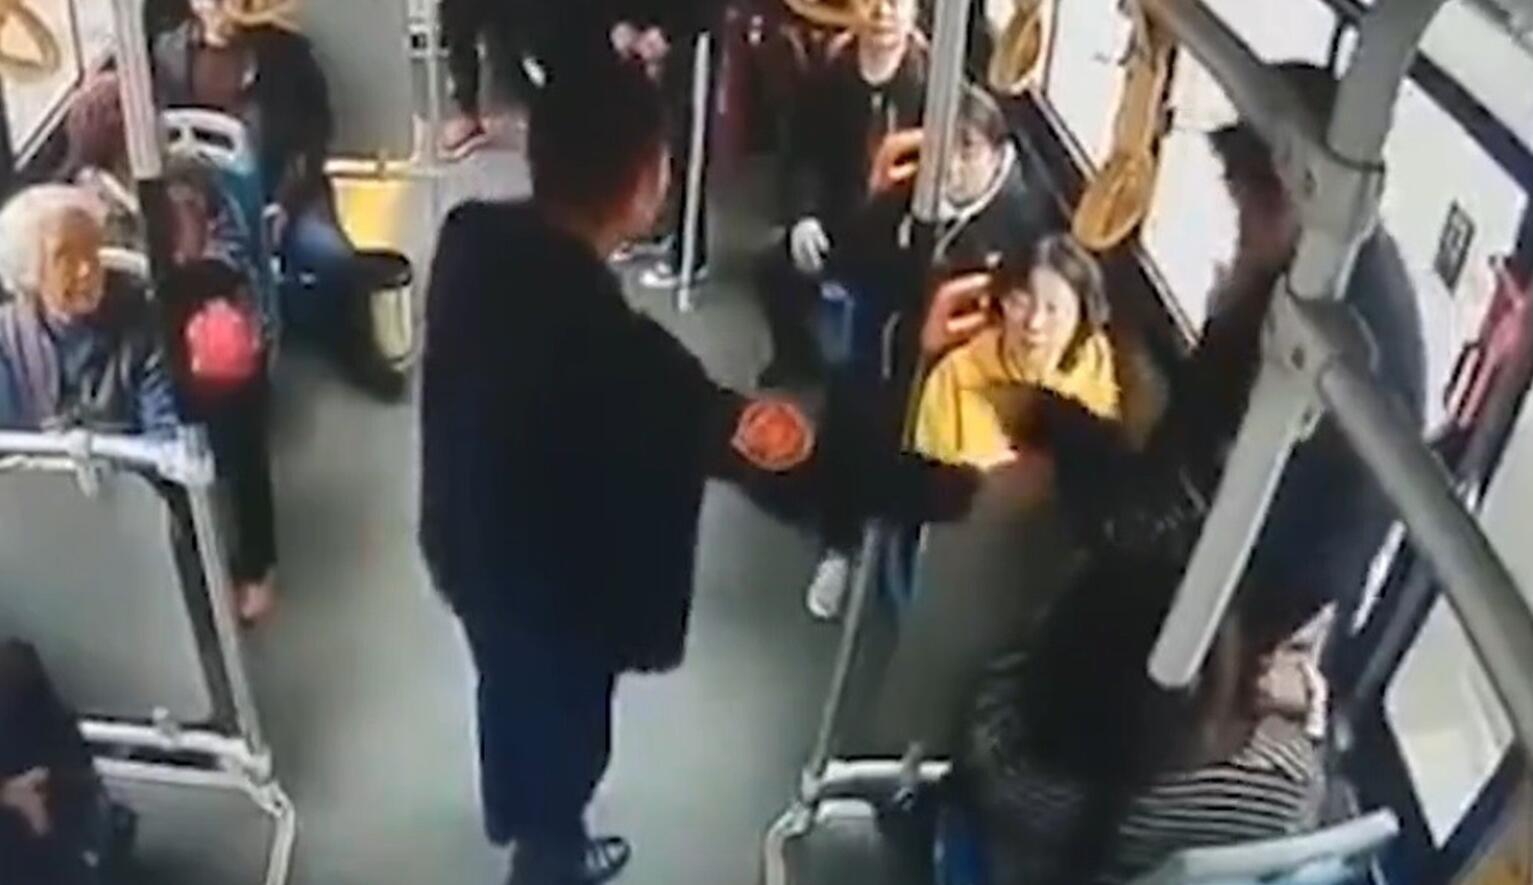 Çin'de ilginç olay! Kendisine yer vermeyen kadının kucağına oturup...